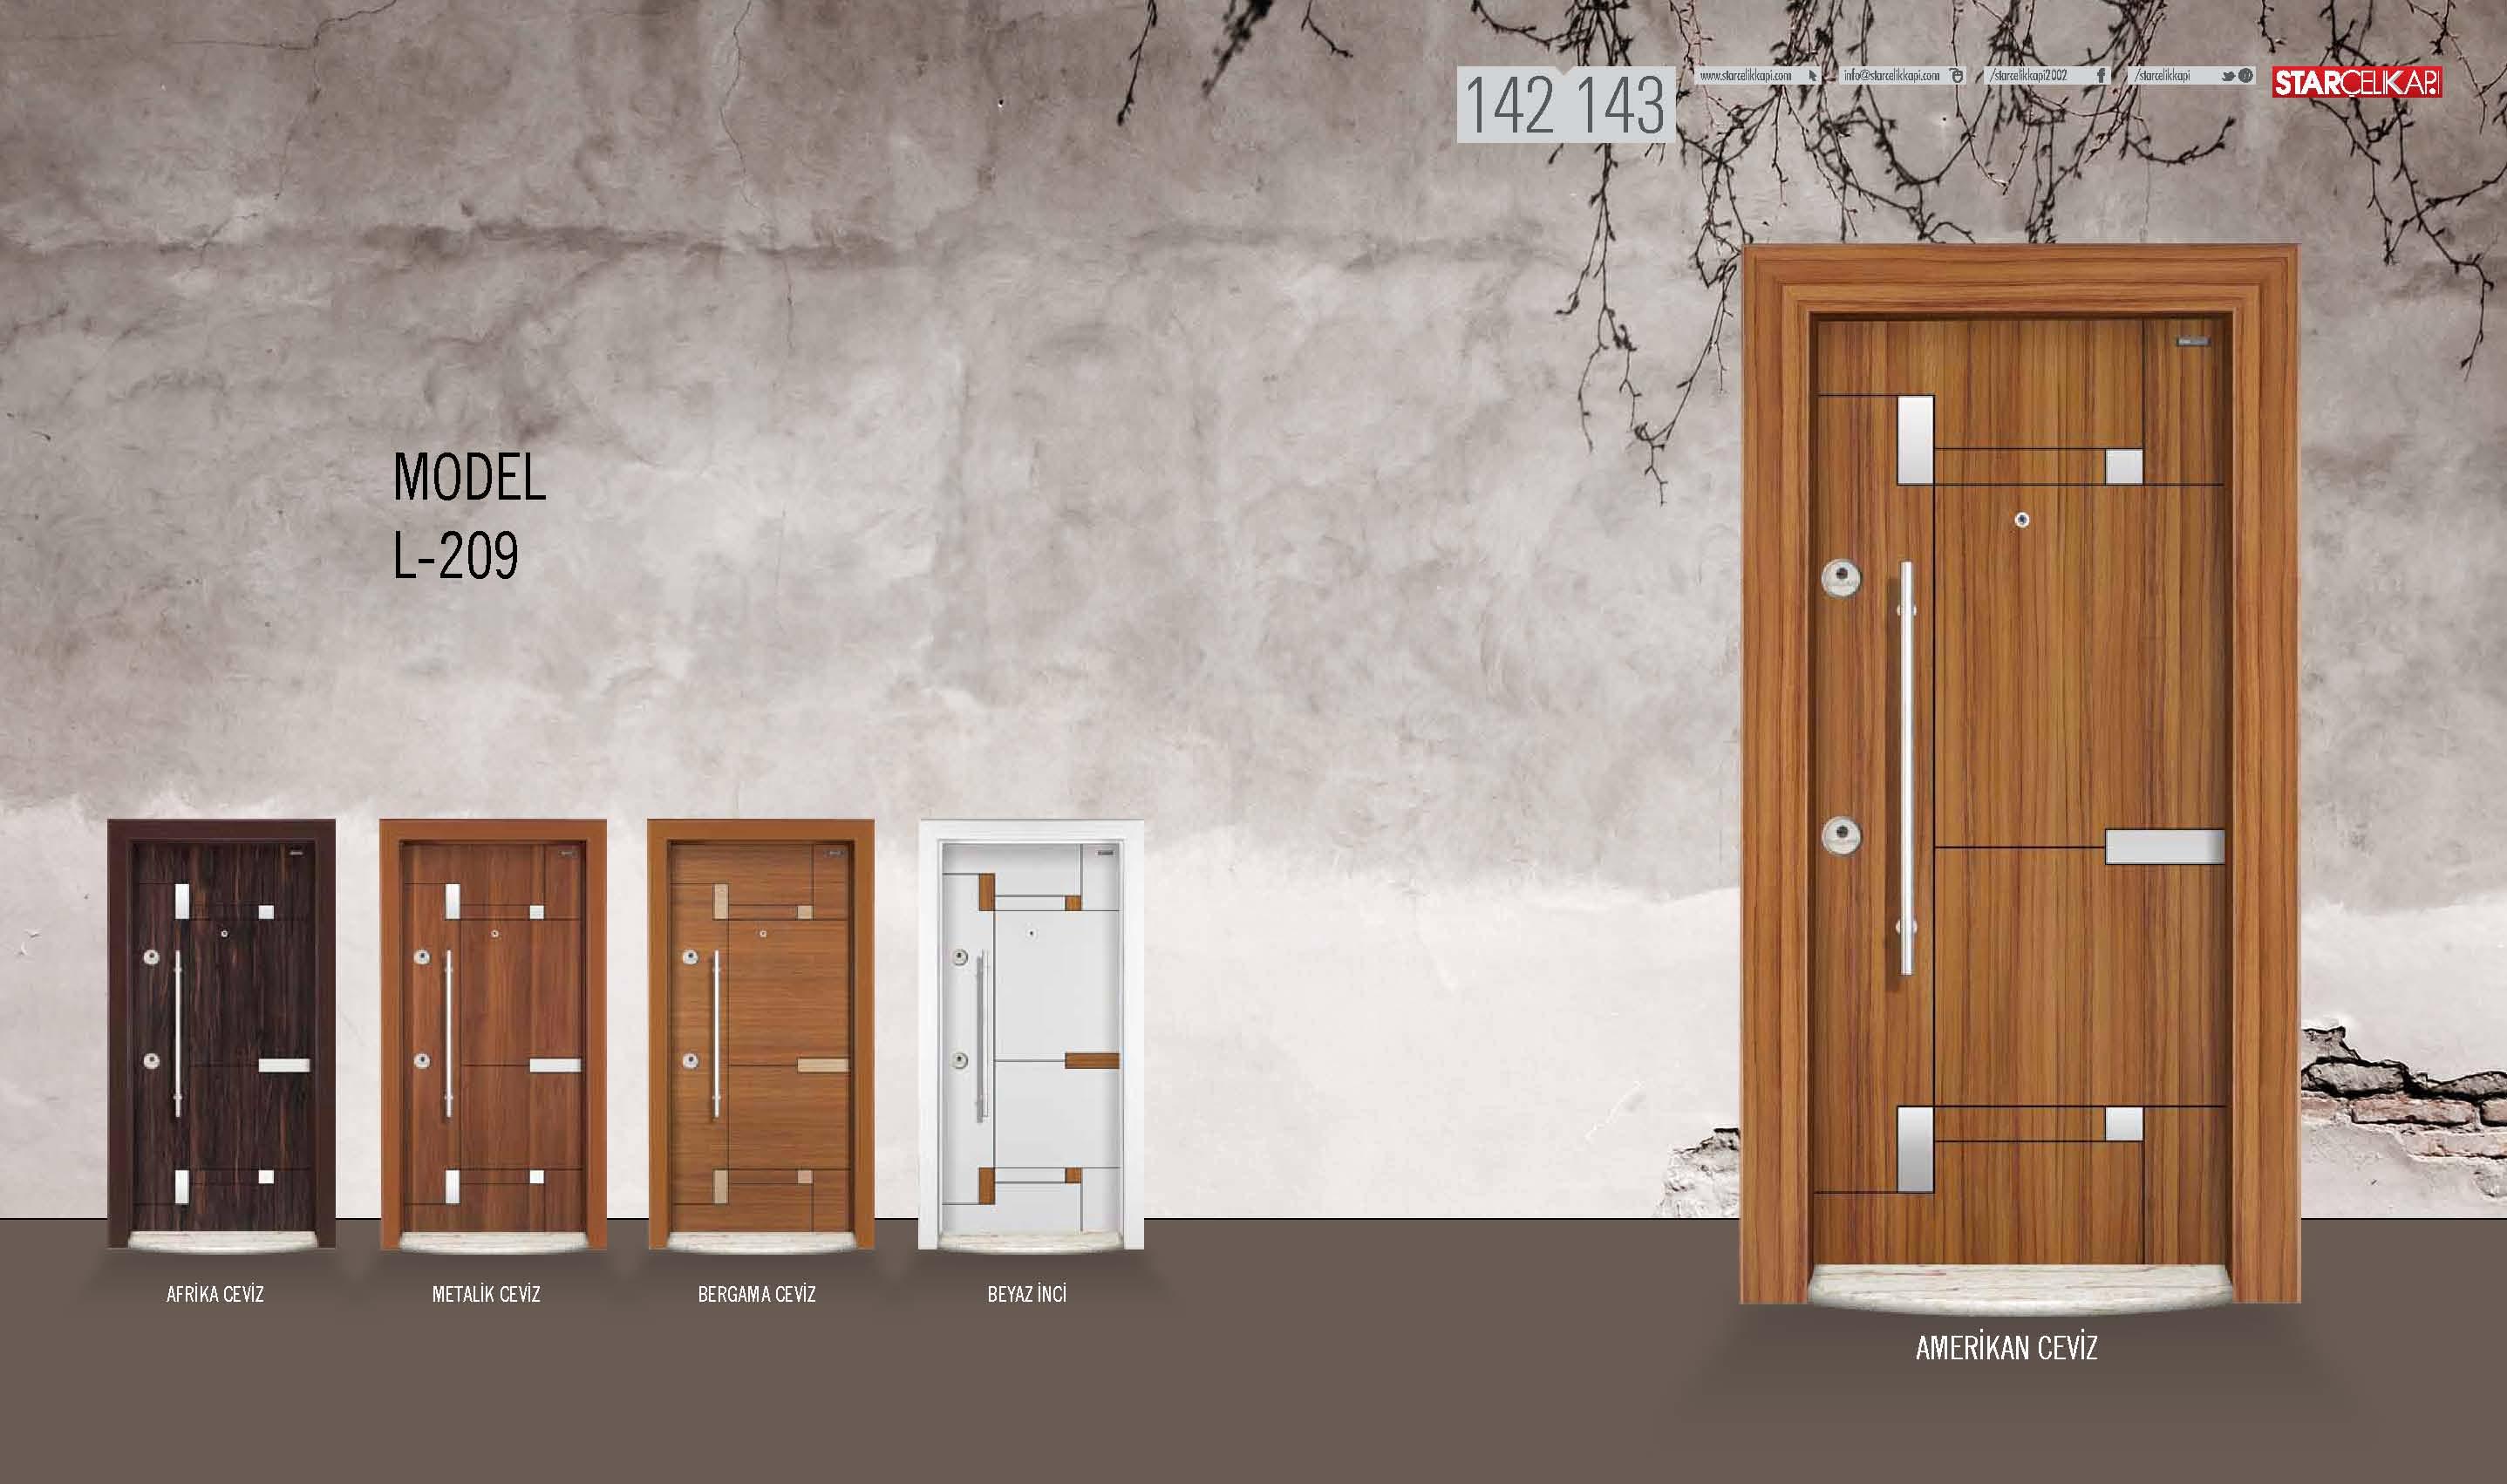 vhodni-vrati-starcelik_page_72